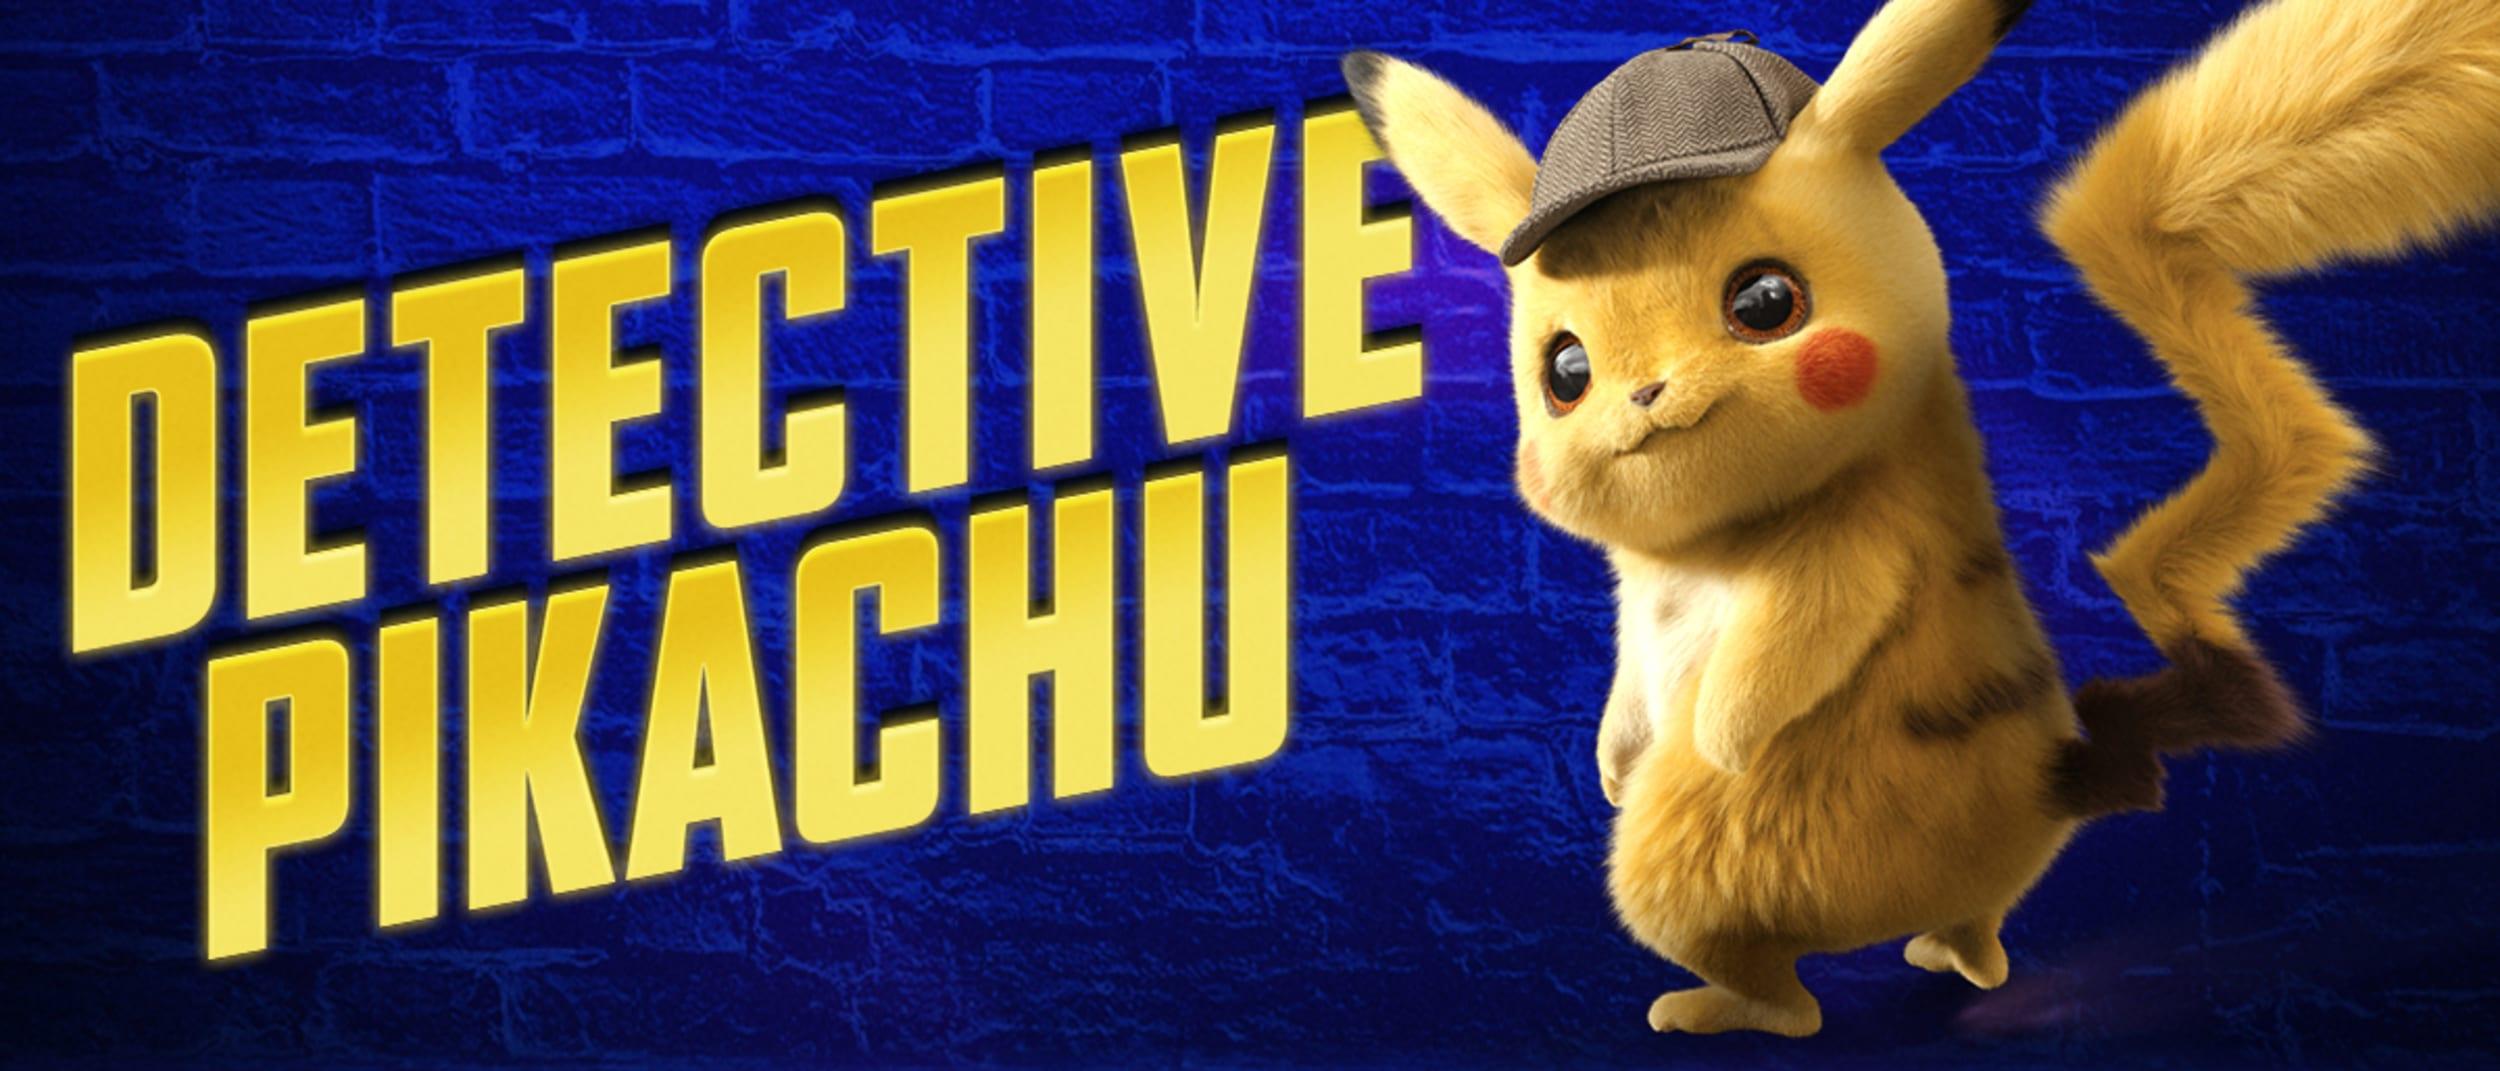 POKÉMON Detective Pikachu meet & greet